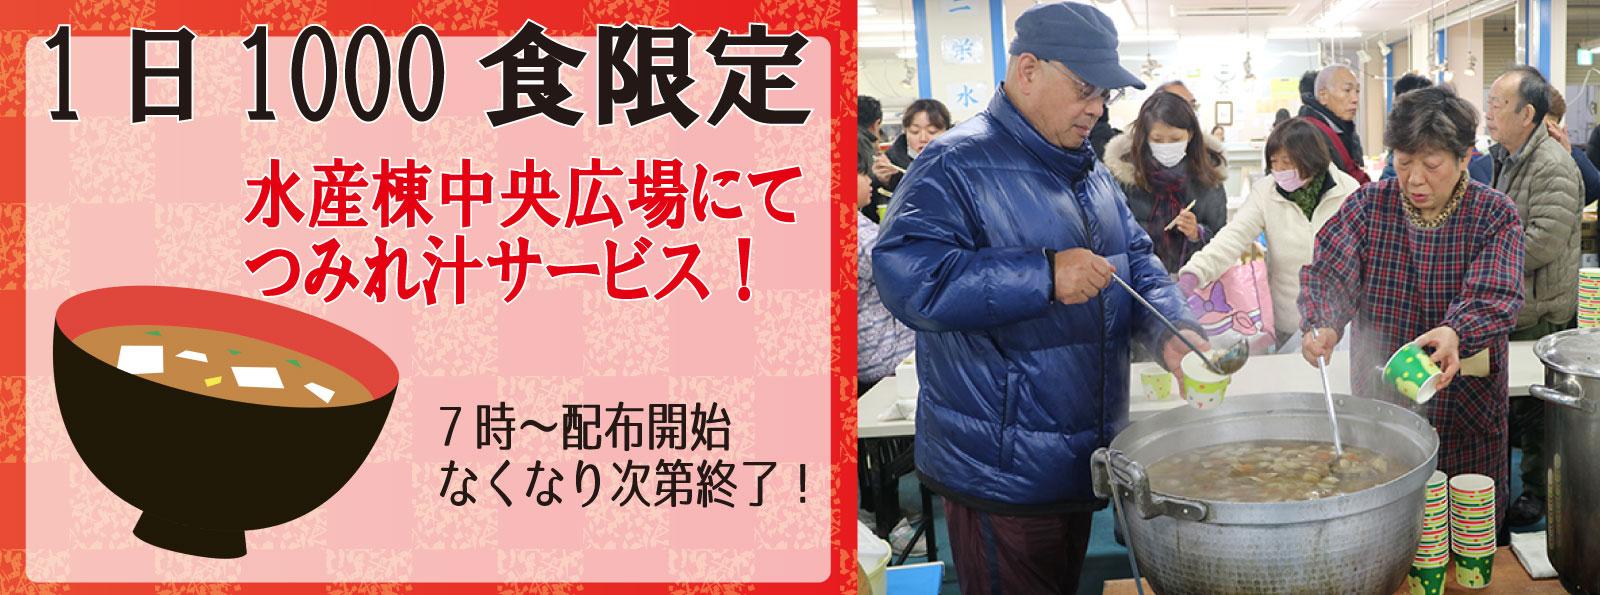 川崎幸市場歳末いちばいち28日29日30日1000食限定つみれ汁